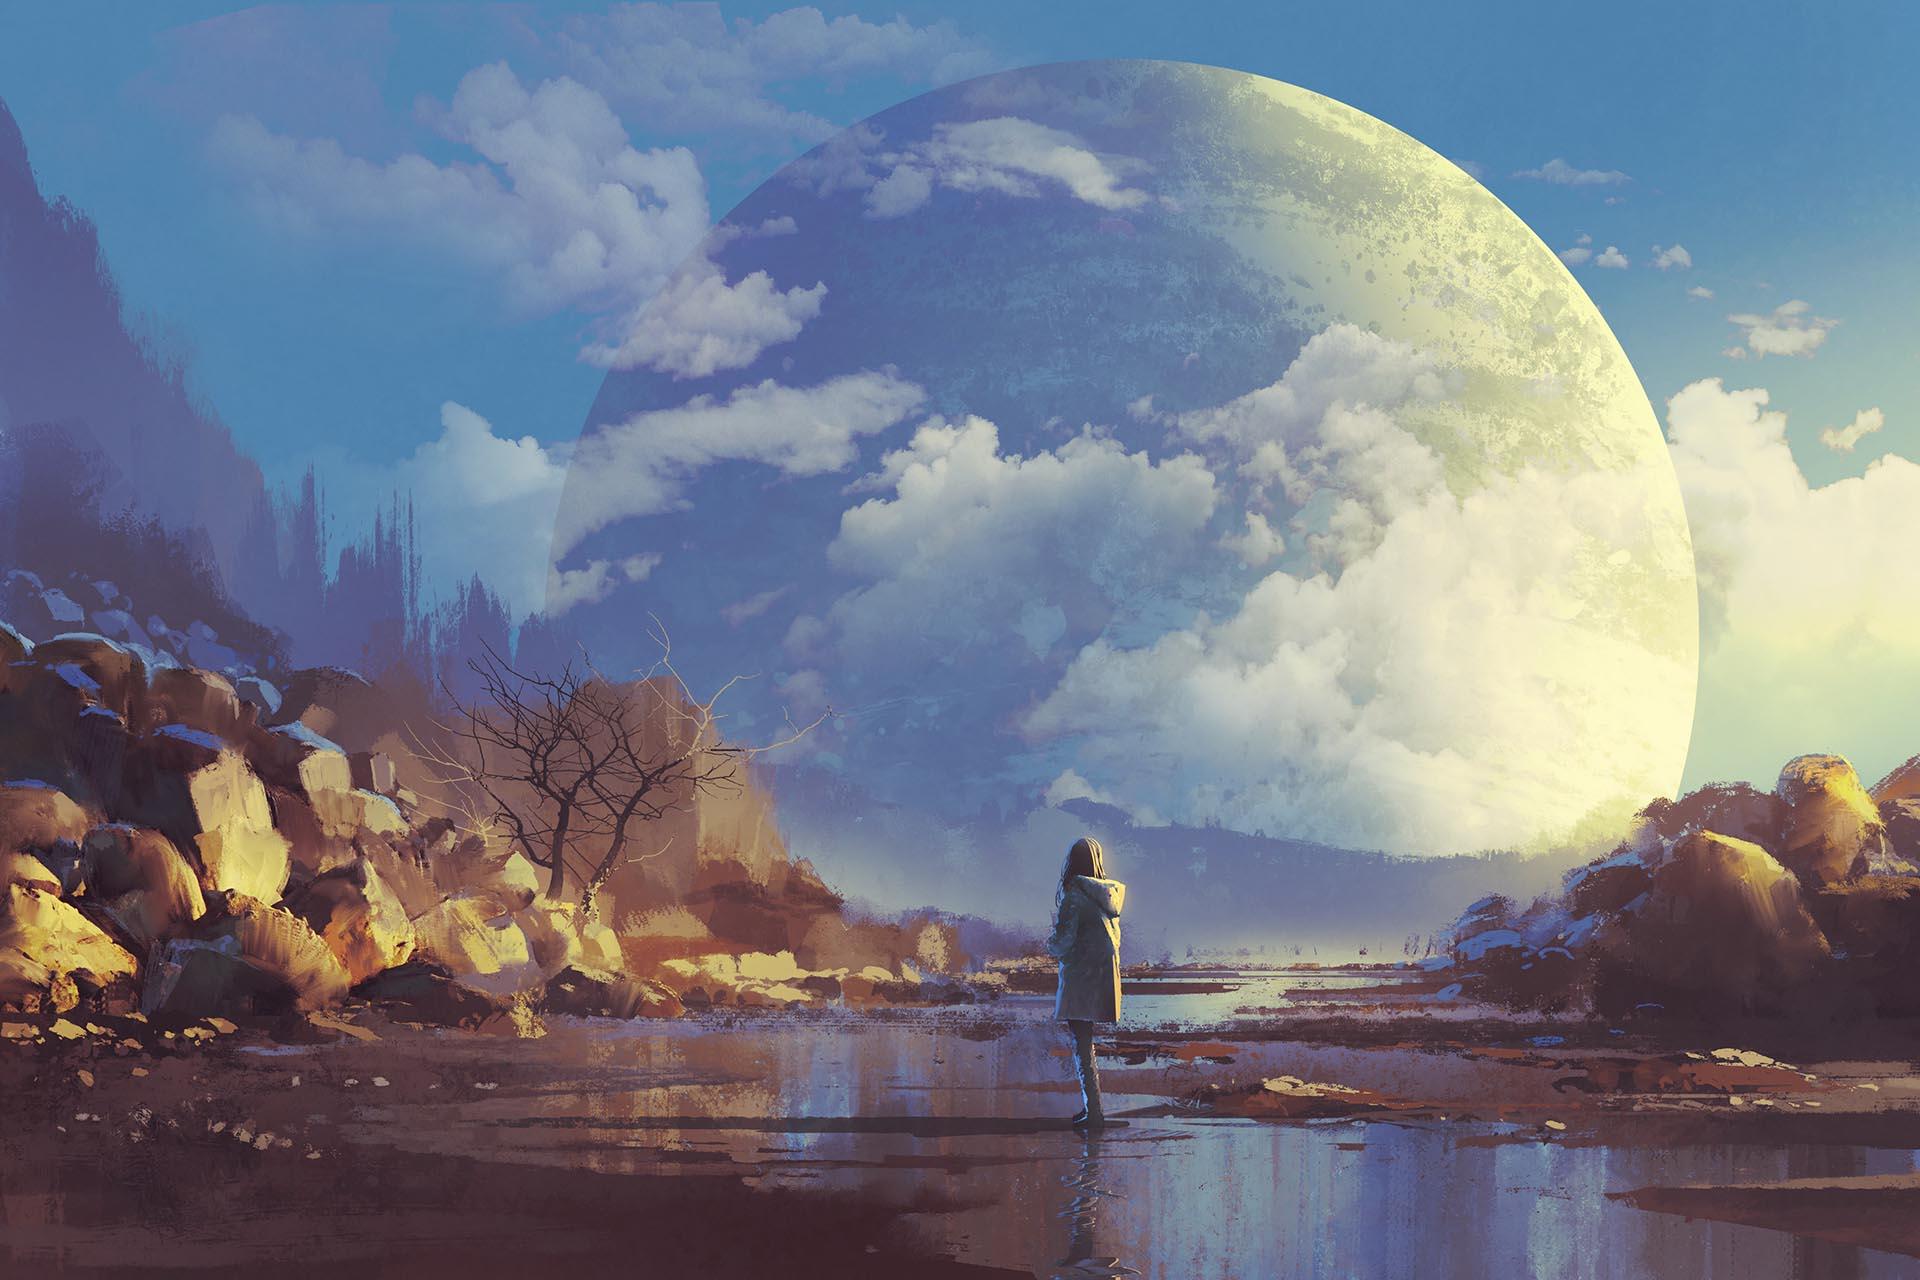 Monde around